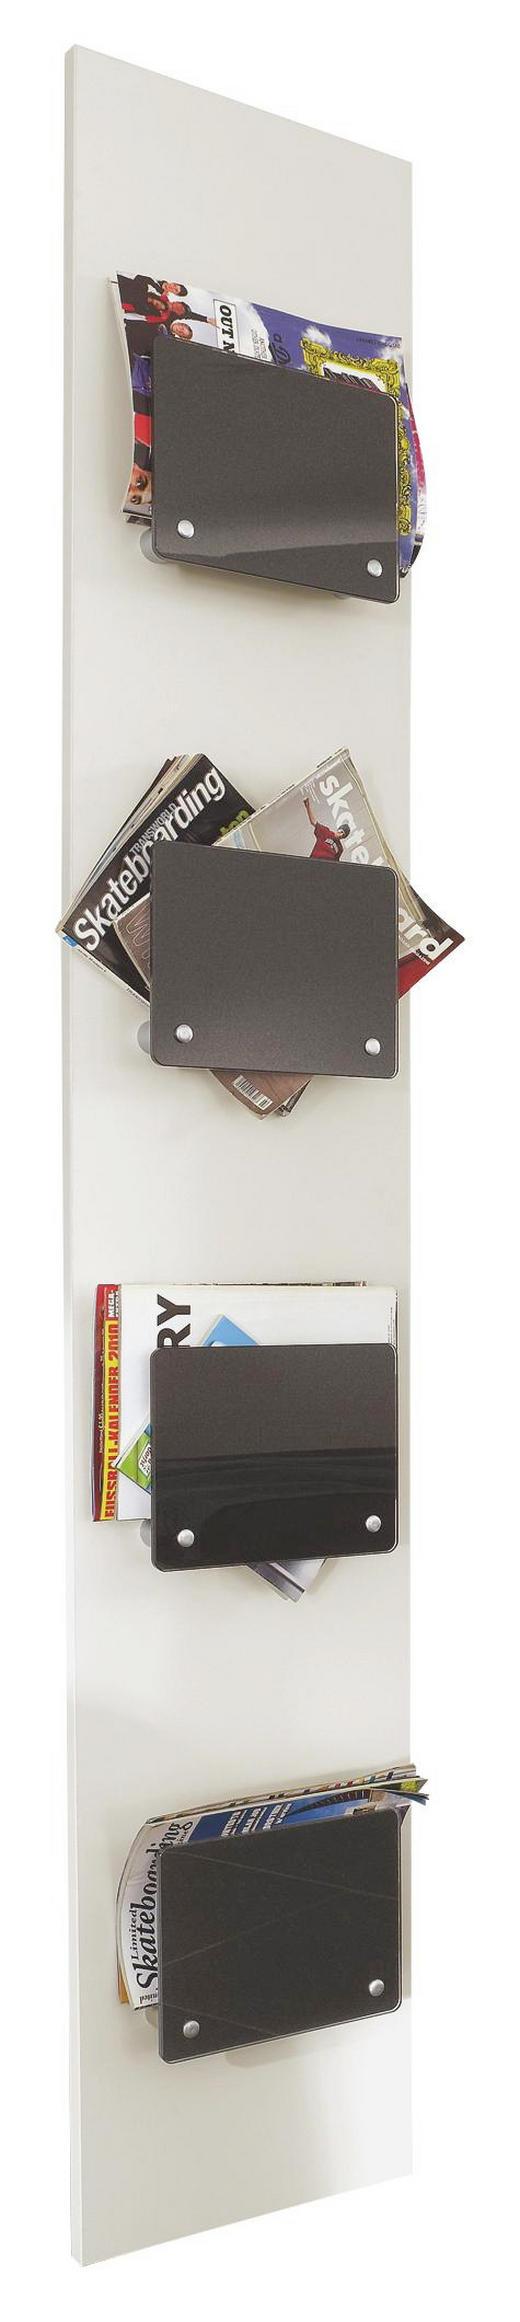 WANDPANEEL melaminharzbeschichtet Graphitfarben, Weiß - Graphitfarben/Weiß, Design, Glas (35/200/8cm) - Xora